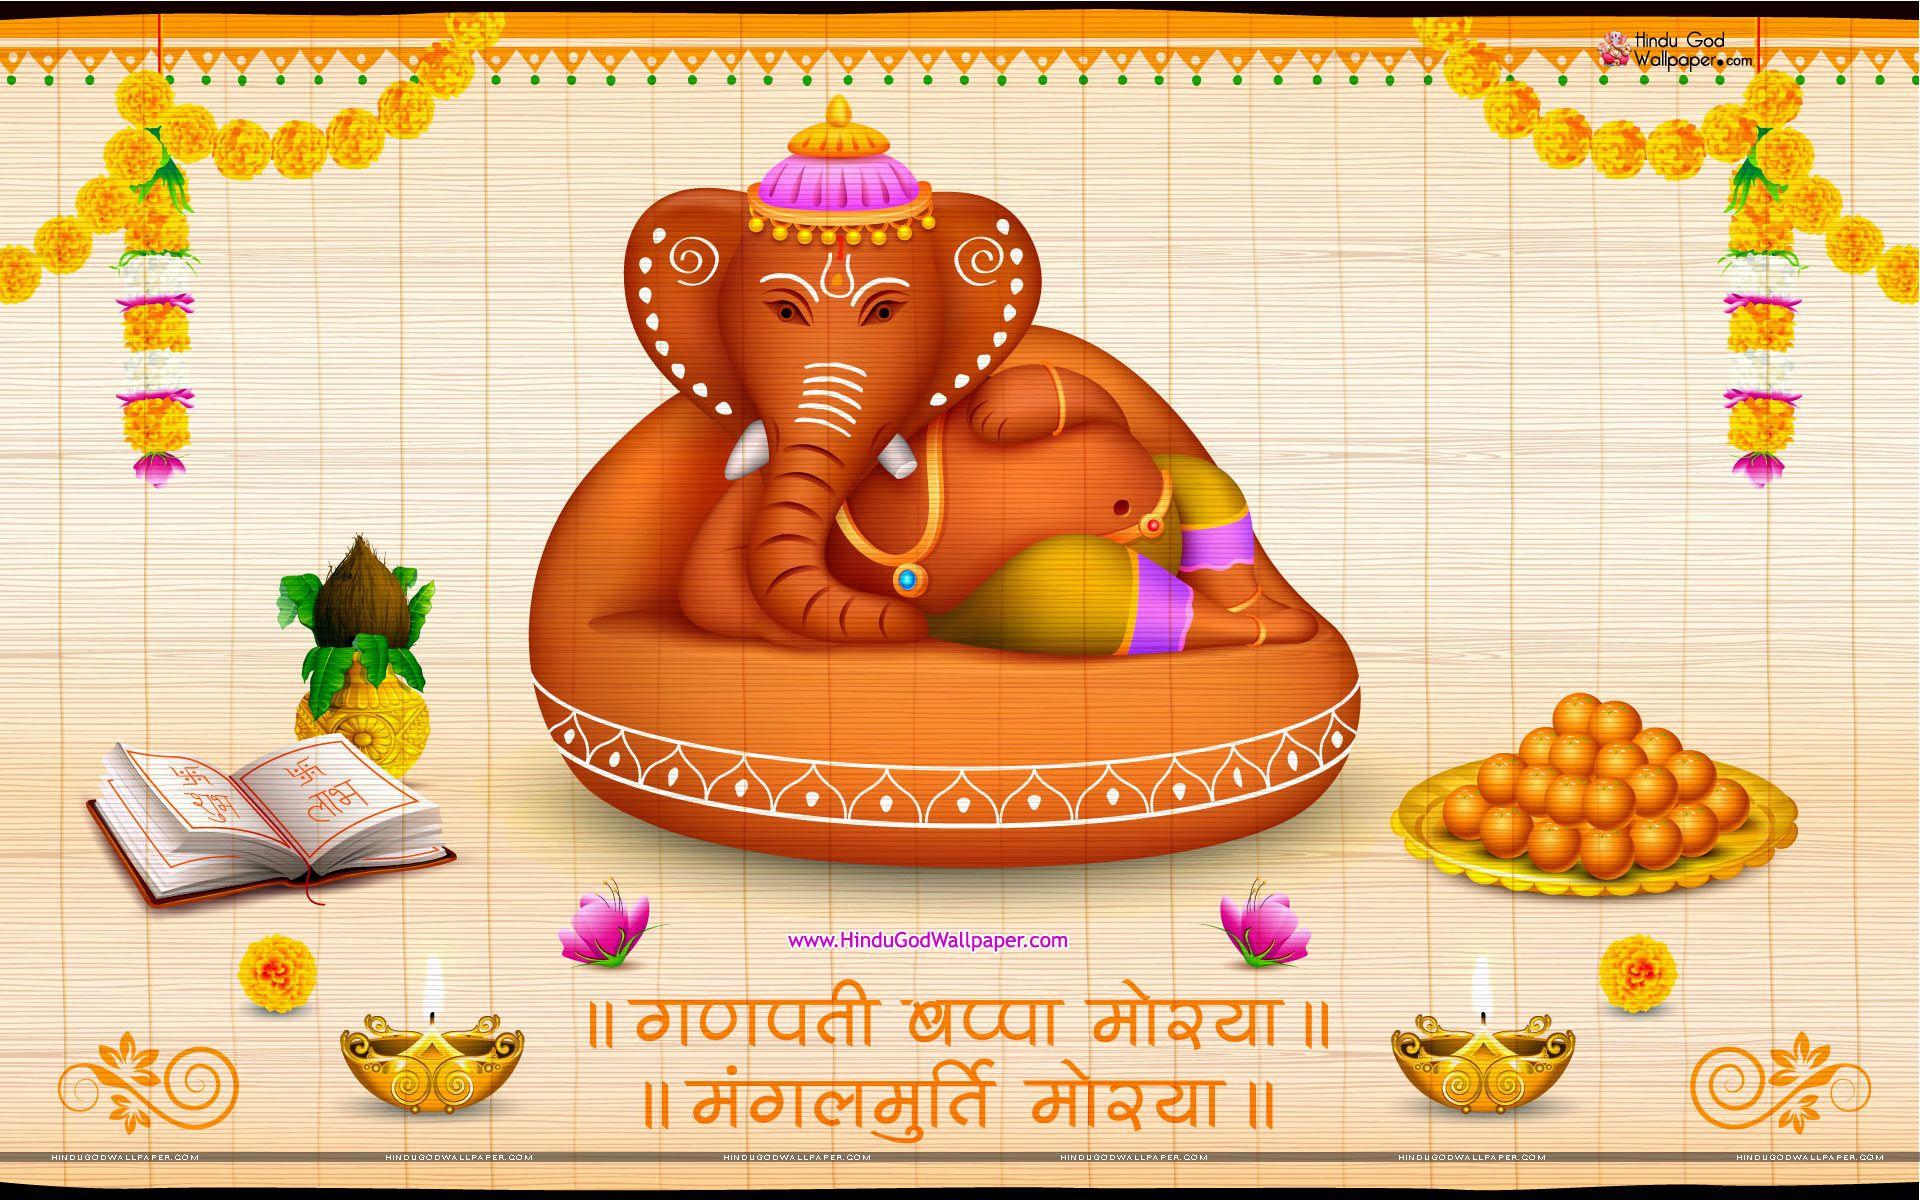 Hd wallpaper vinayagar - Lord Vinayagar Wallpapers Photos Hd Free Download